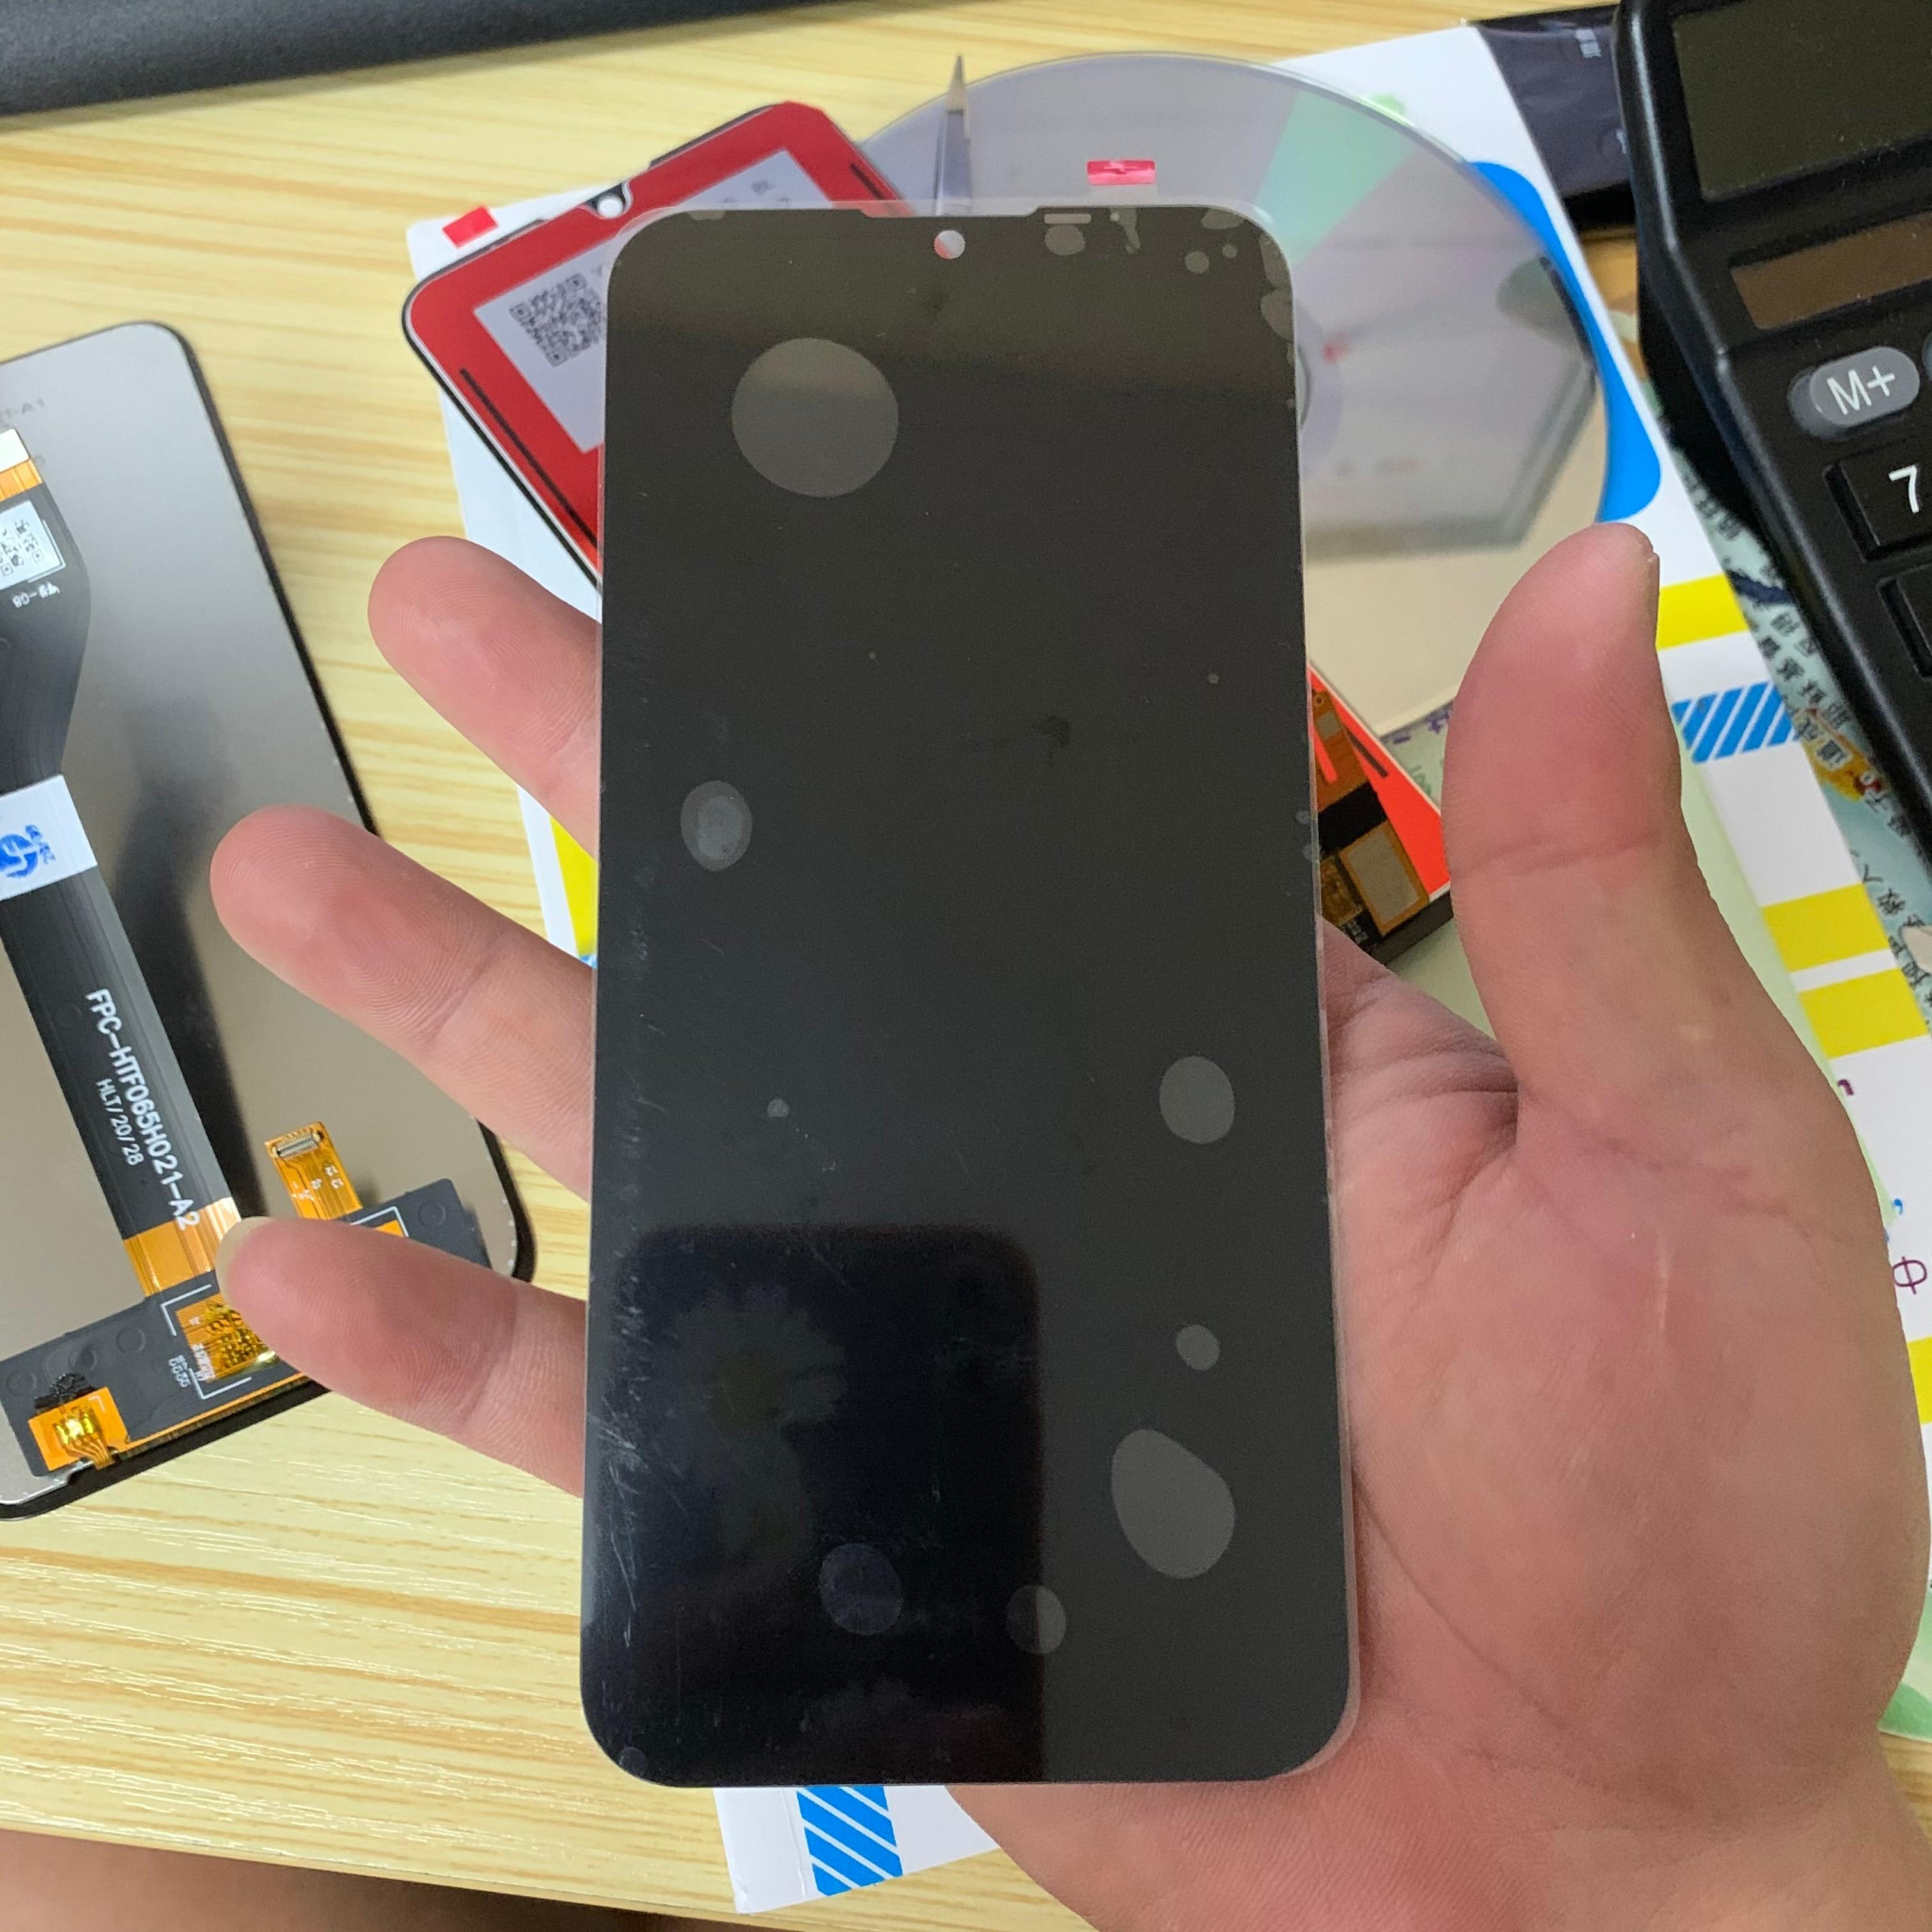 ل موتورولا موتو E6s 2020 XT2053-1 XT2053-2 XT2053-3 LCD عرض تعمل باللمس محول الأرقام الجمعية ل موتو E6s lcd استبدال